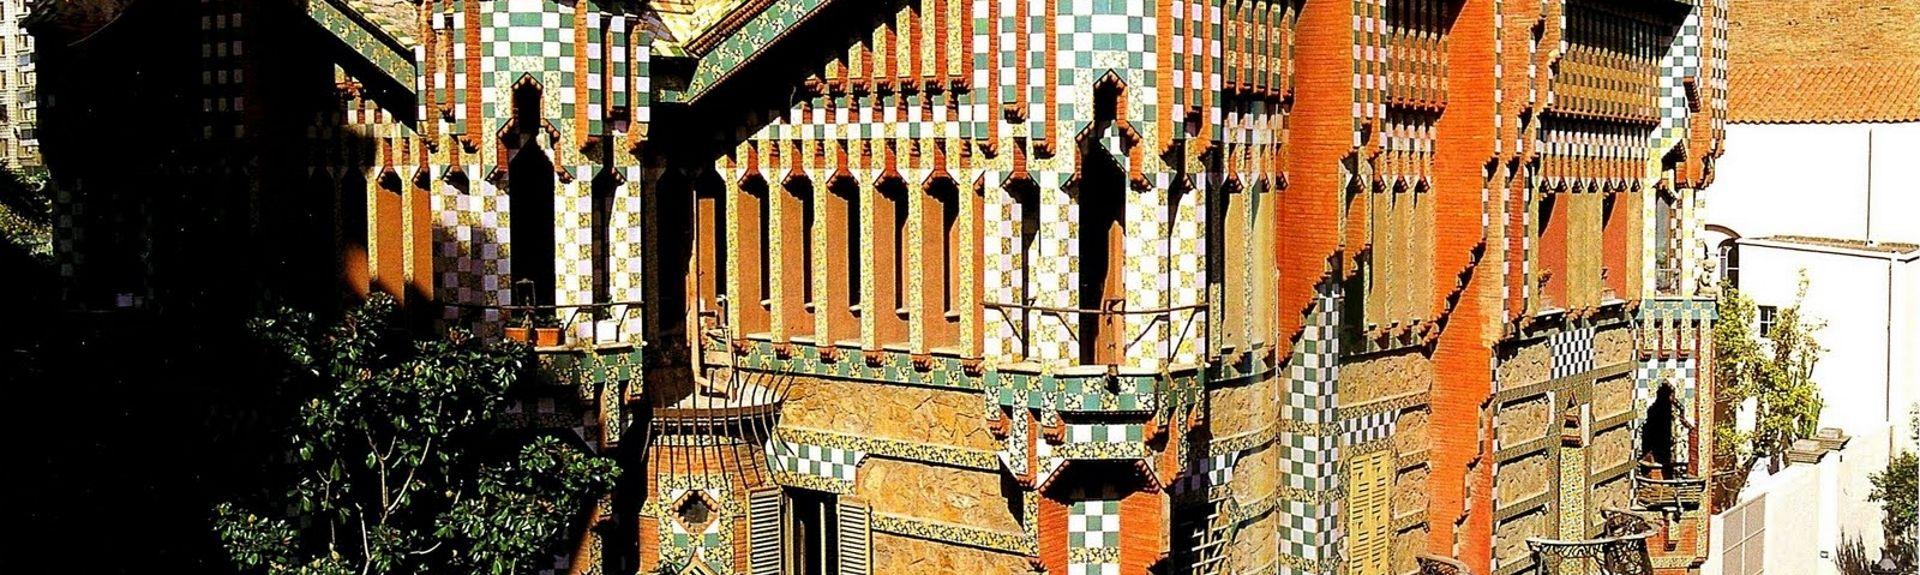 Barcelona City History Museum, Barcelona, Catalonia, Spain